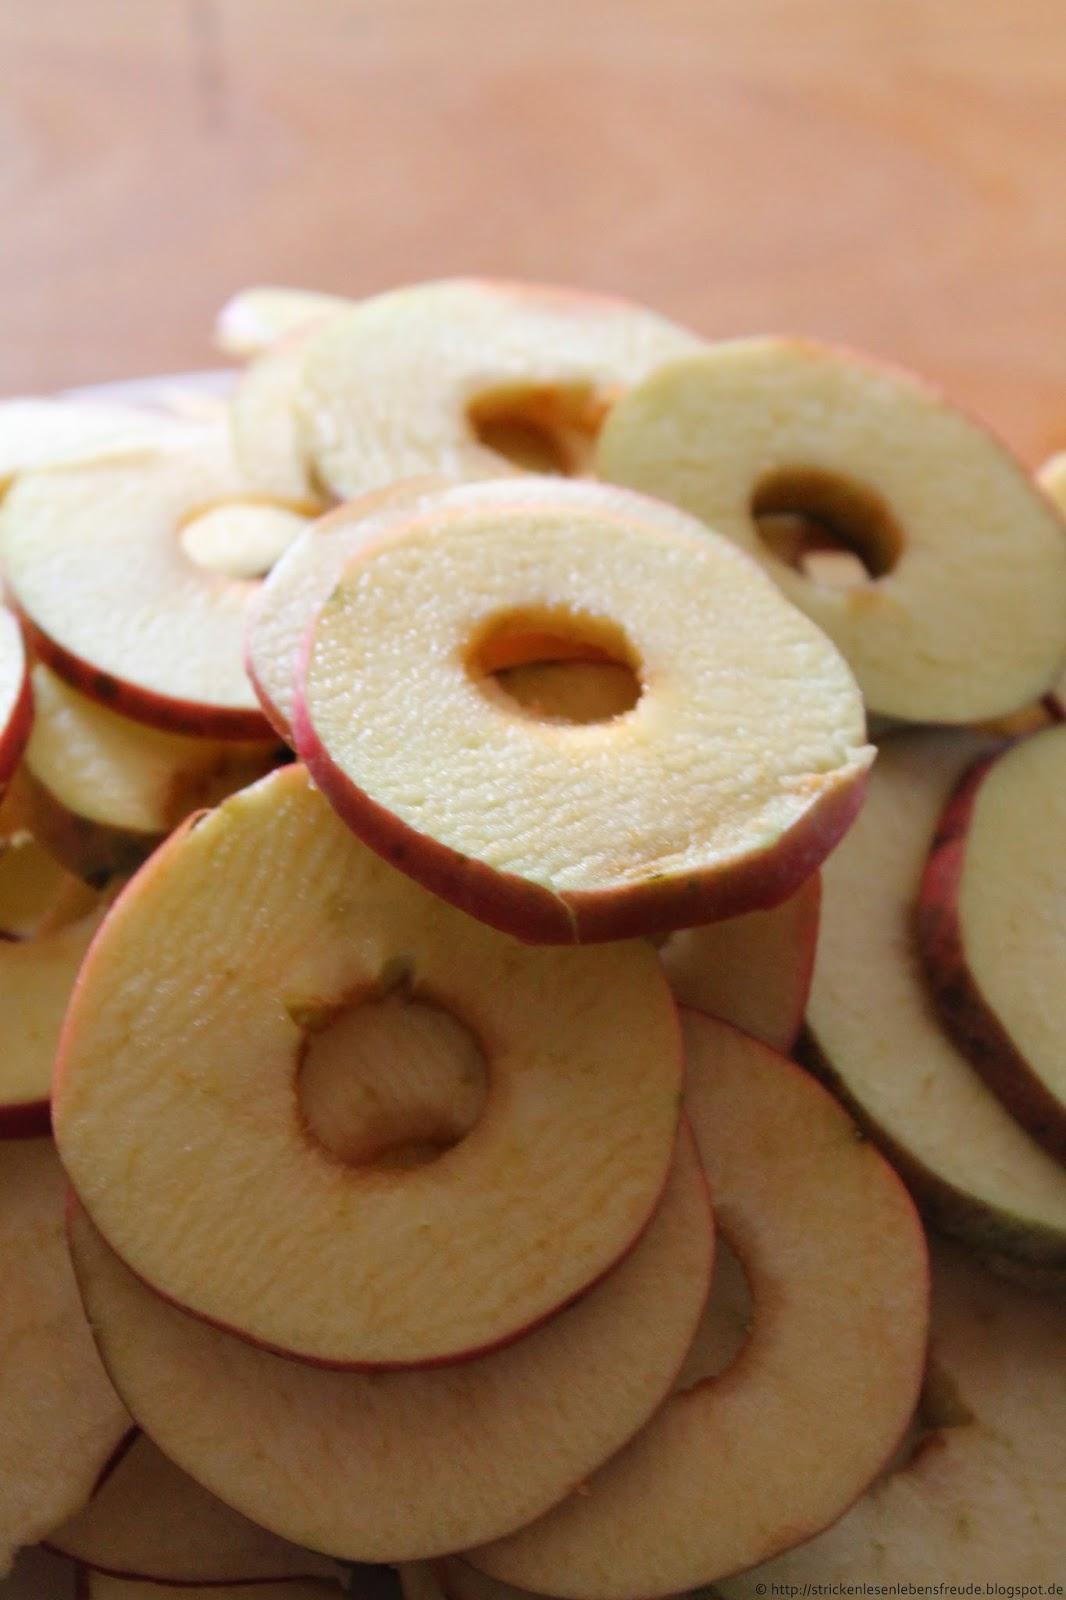 stricken lesen lebensfreude getrocknete apfelringe homemade apple chips. Black Bedroom Furniture Sets. Home Design Ideas